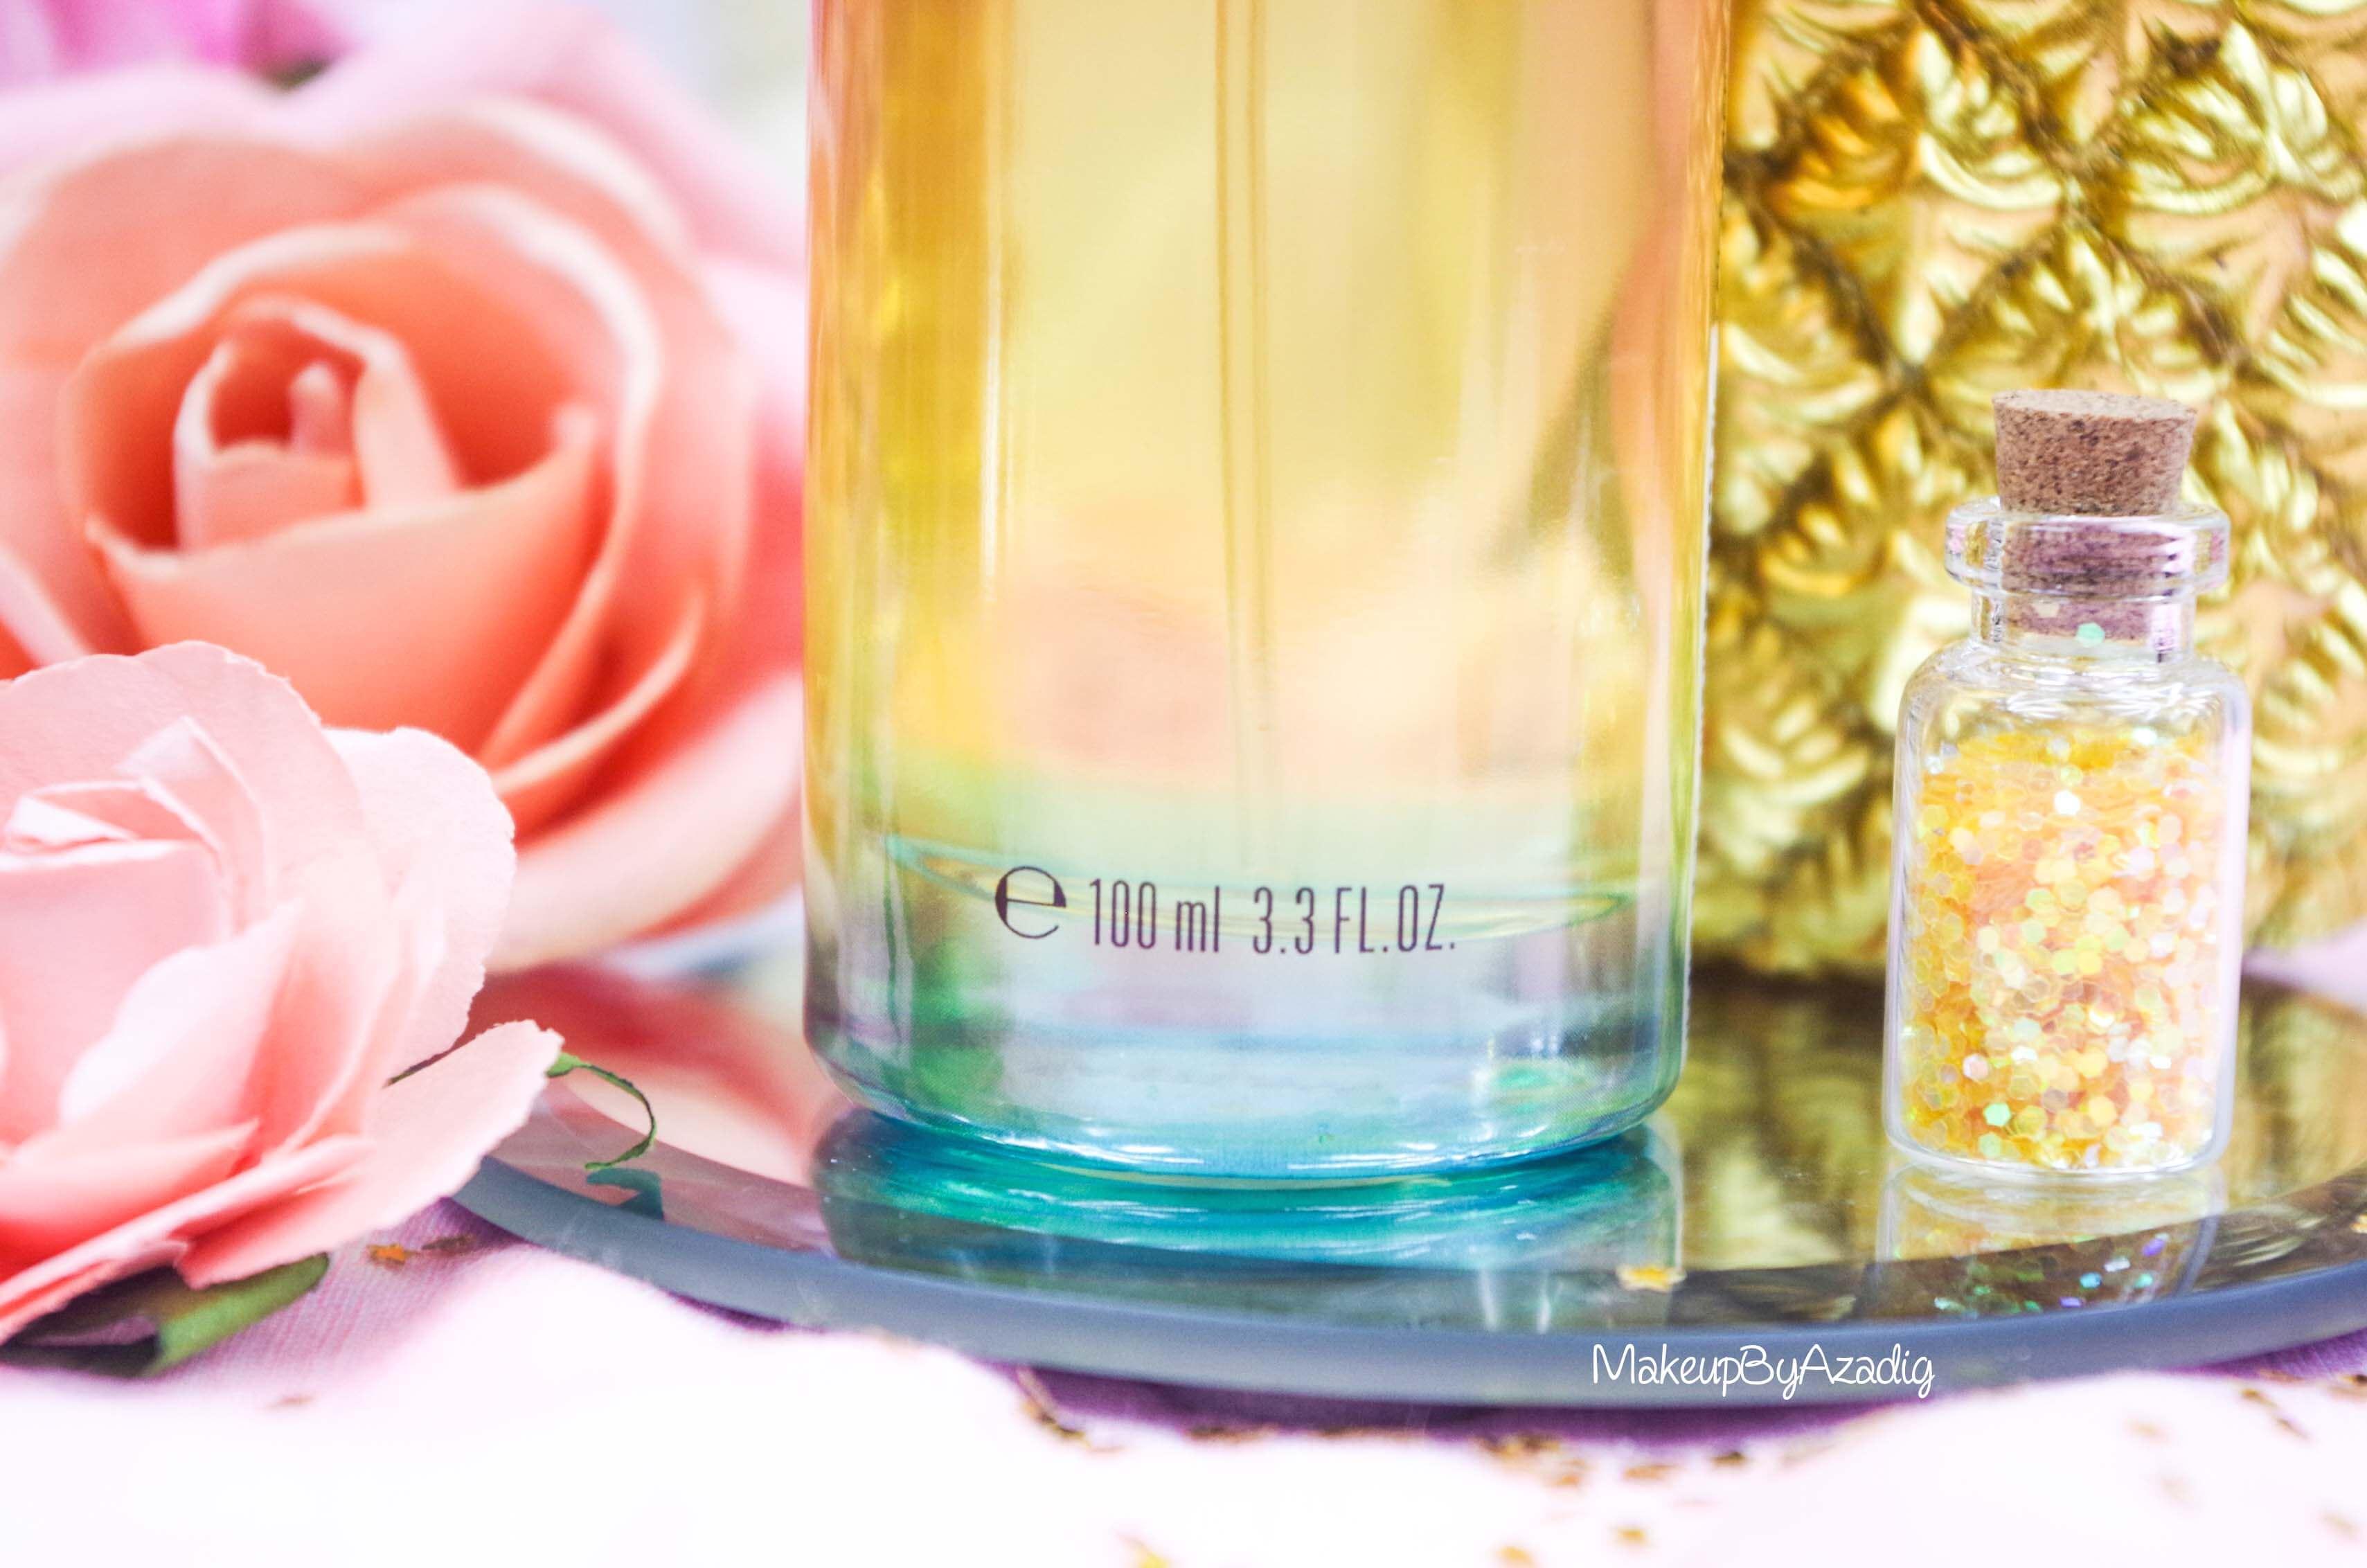 revue-review-eau-delicieuse-parfumante-nuxe-sun-paris-blog-makeupbyazadig-monoi-soleil-parapharmacie-quantite